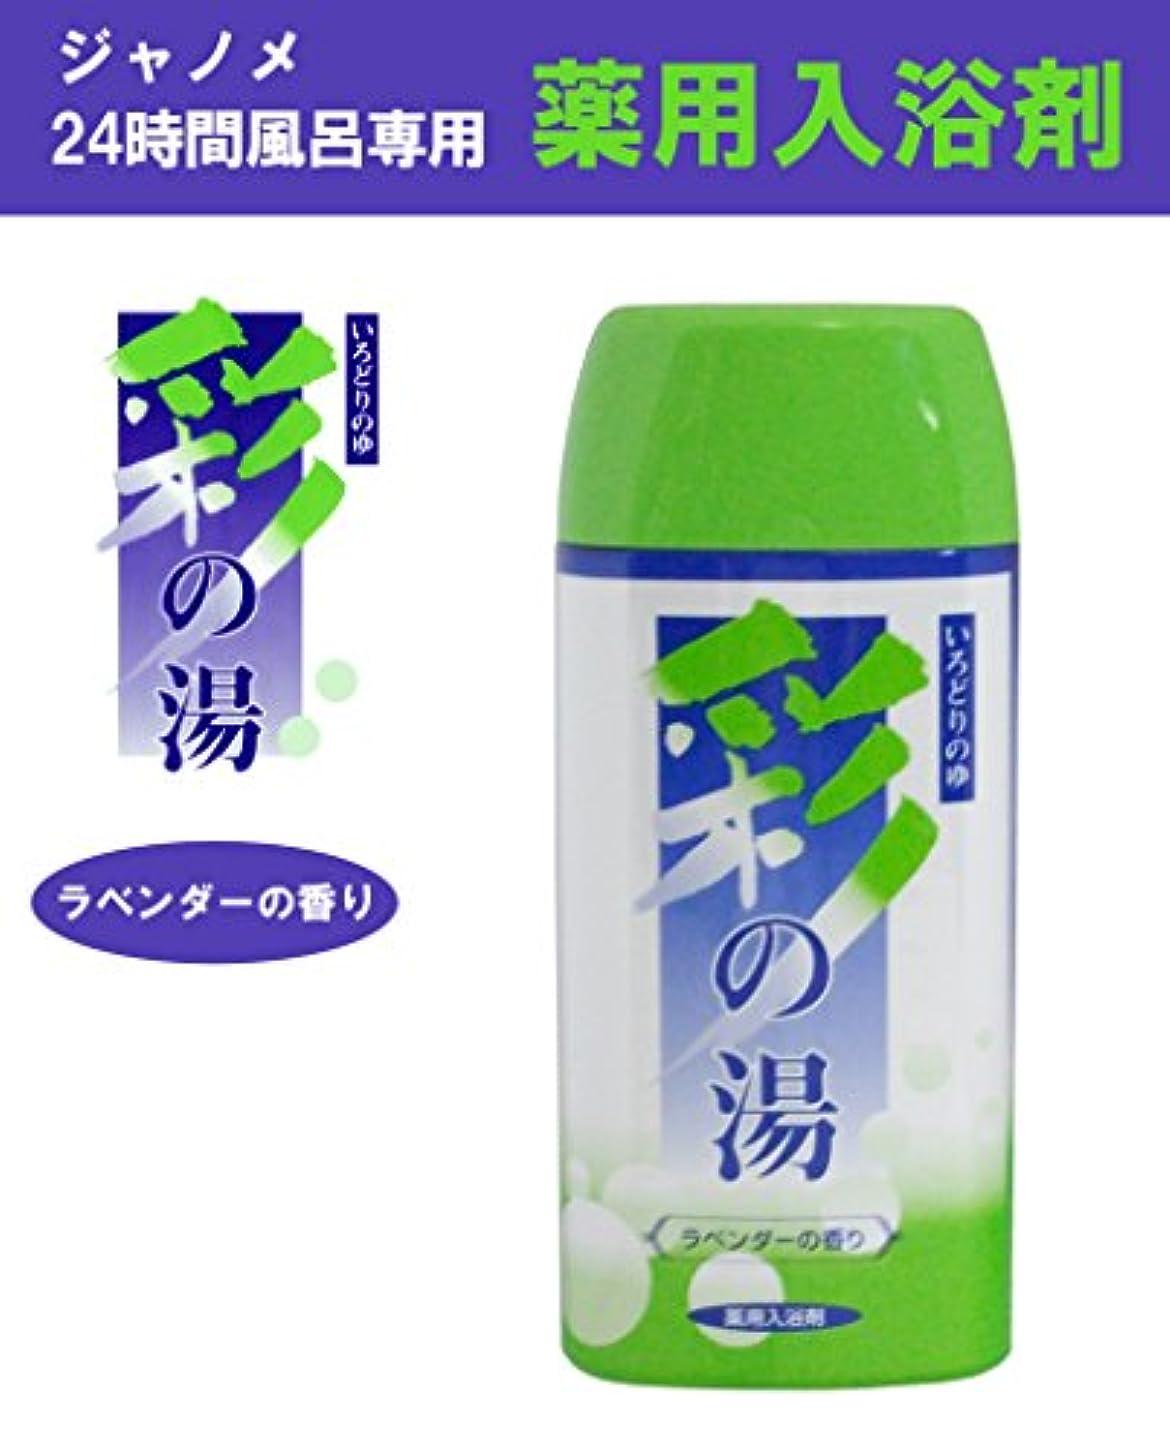 マザーランドこれらより平らなジャノメ 彩の湯 (24時間風呂専用 薬用入浴剤 ラベンダーの香り )